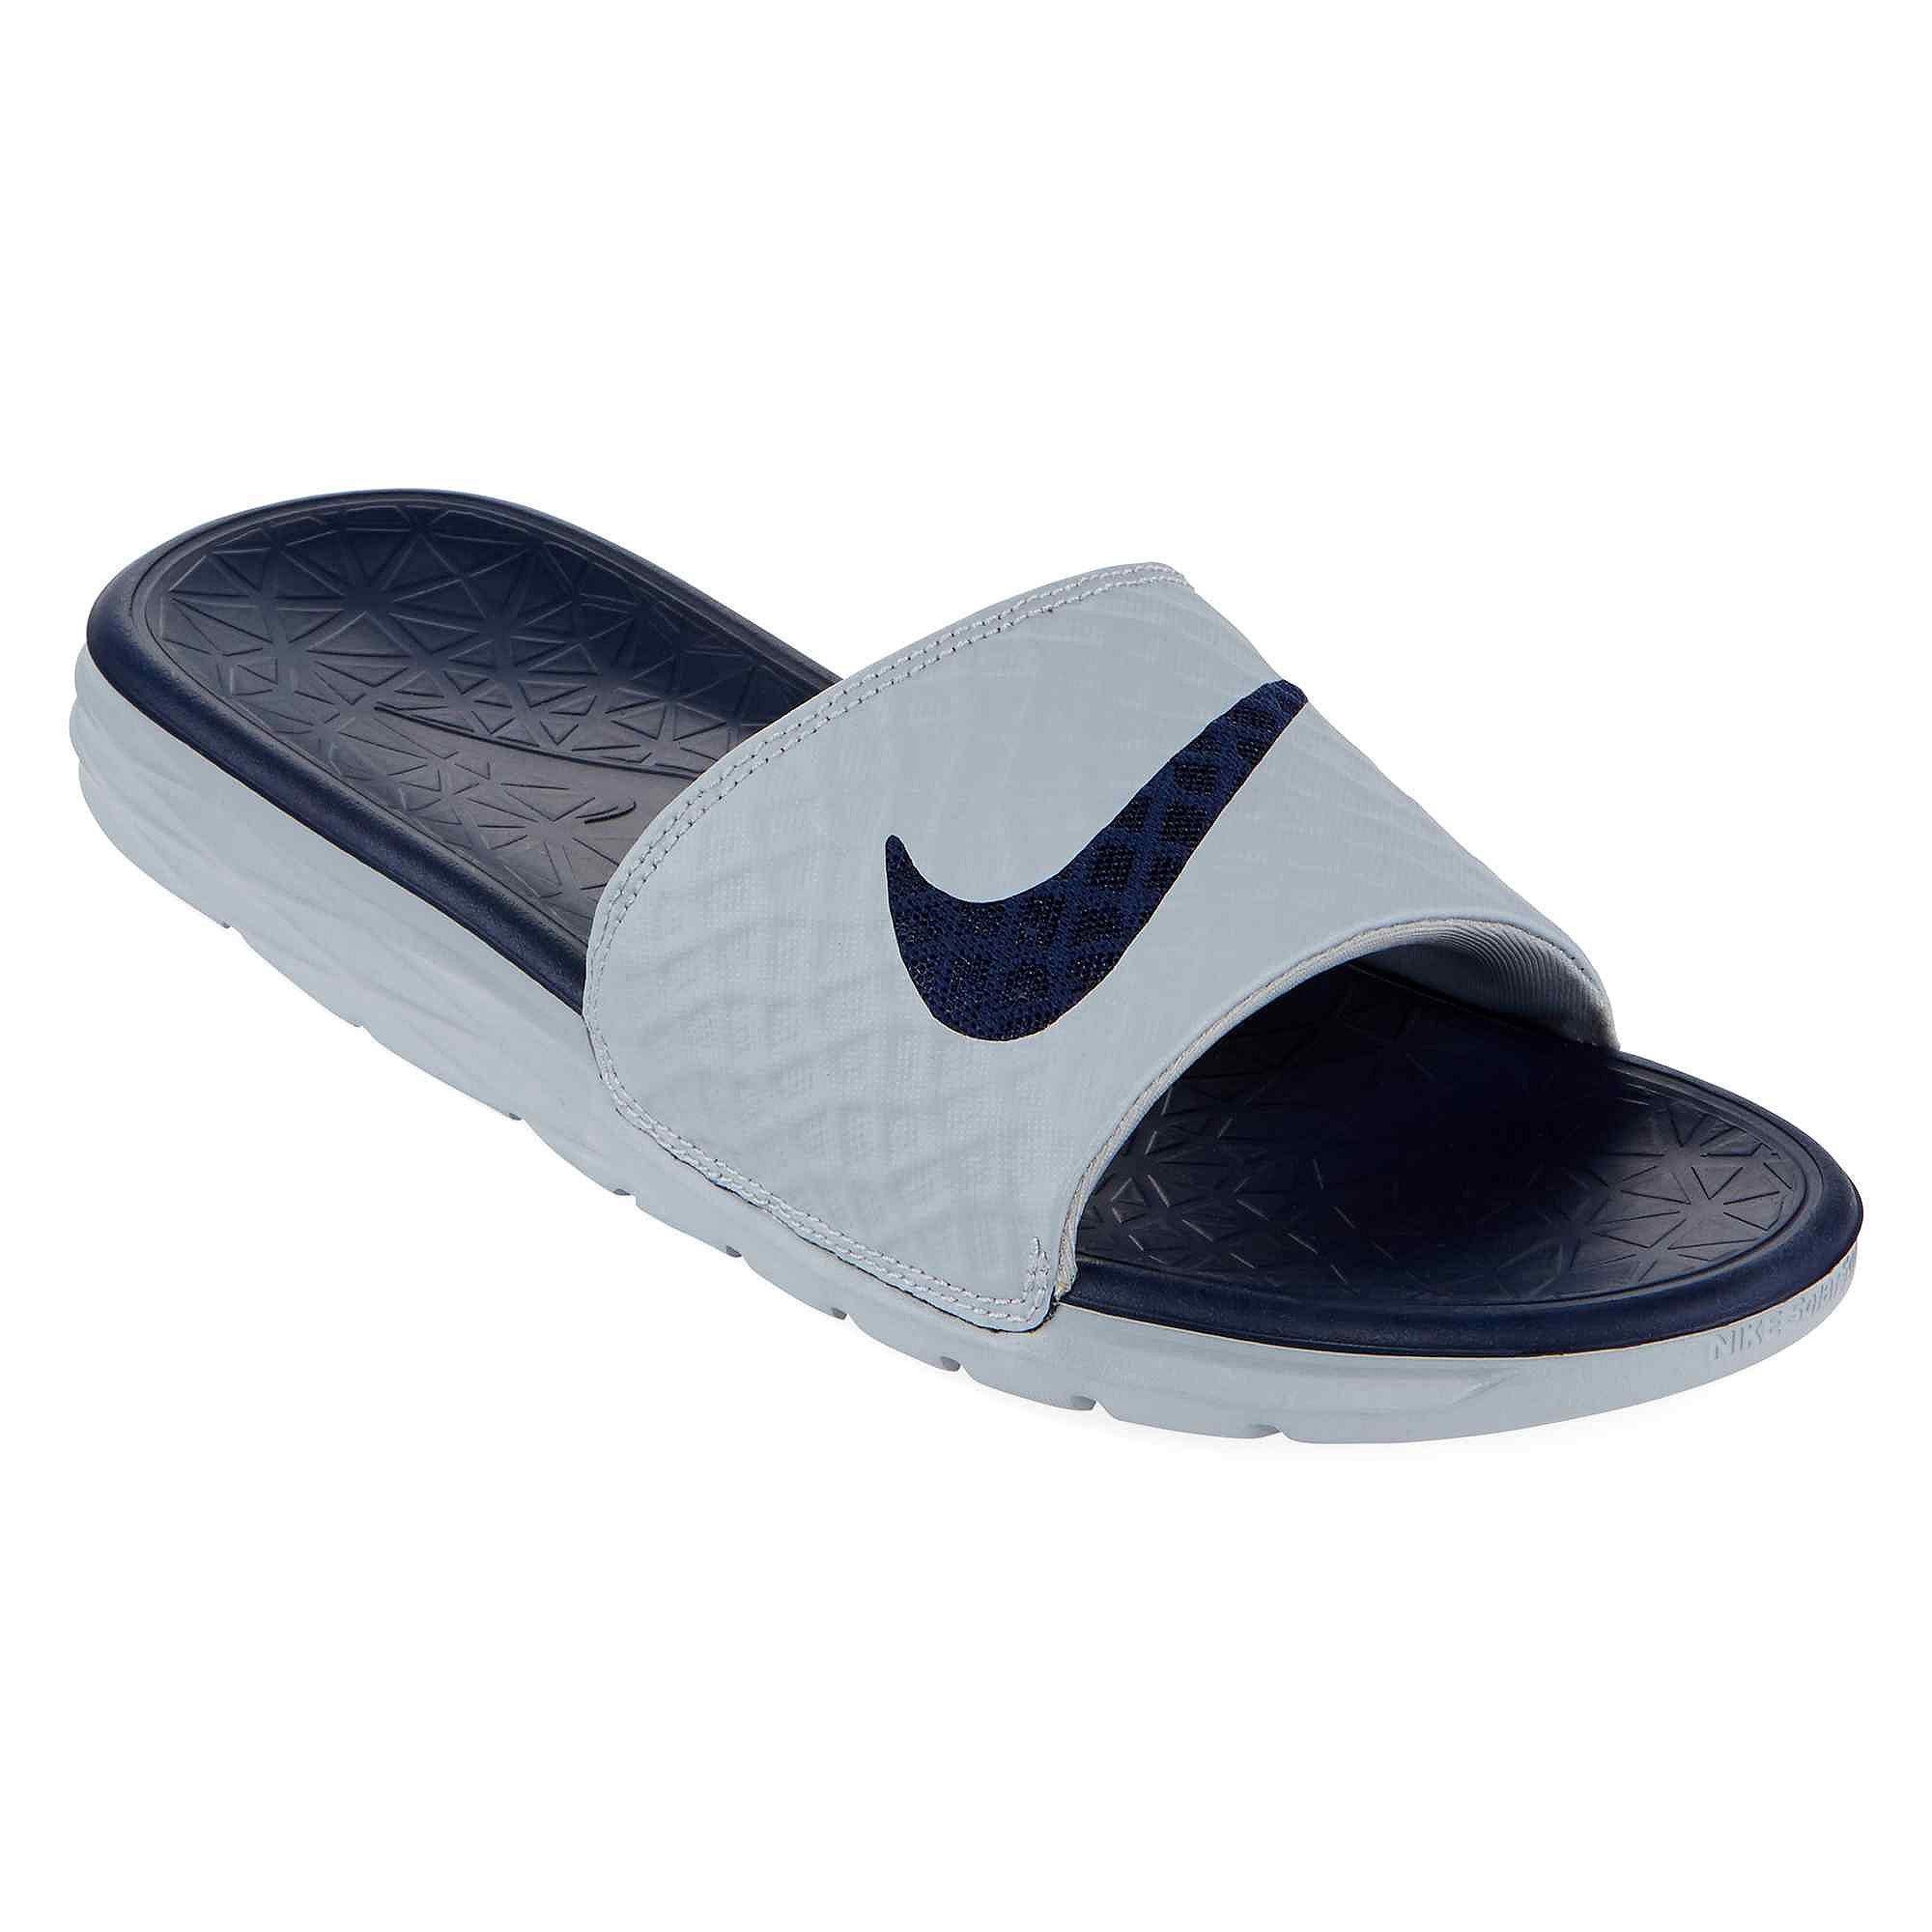 a110b08dd05d Galleon - NIKE Men s Benassi Solarsoft Slide Athletic Sandal